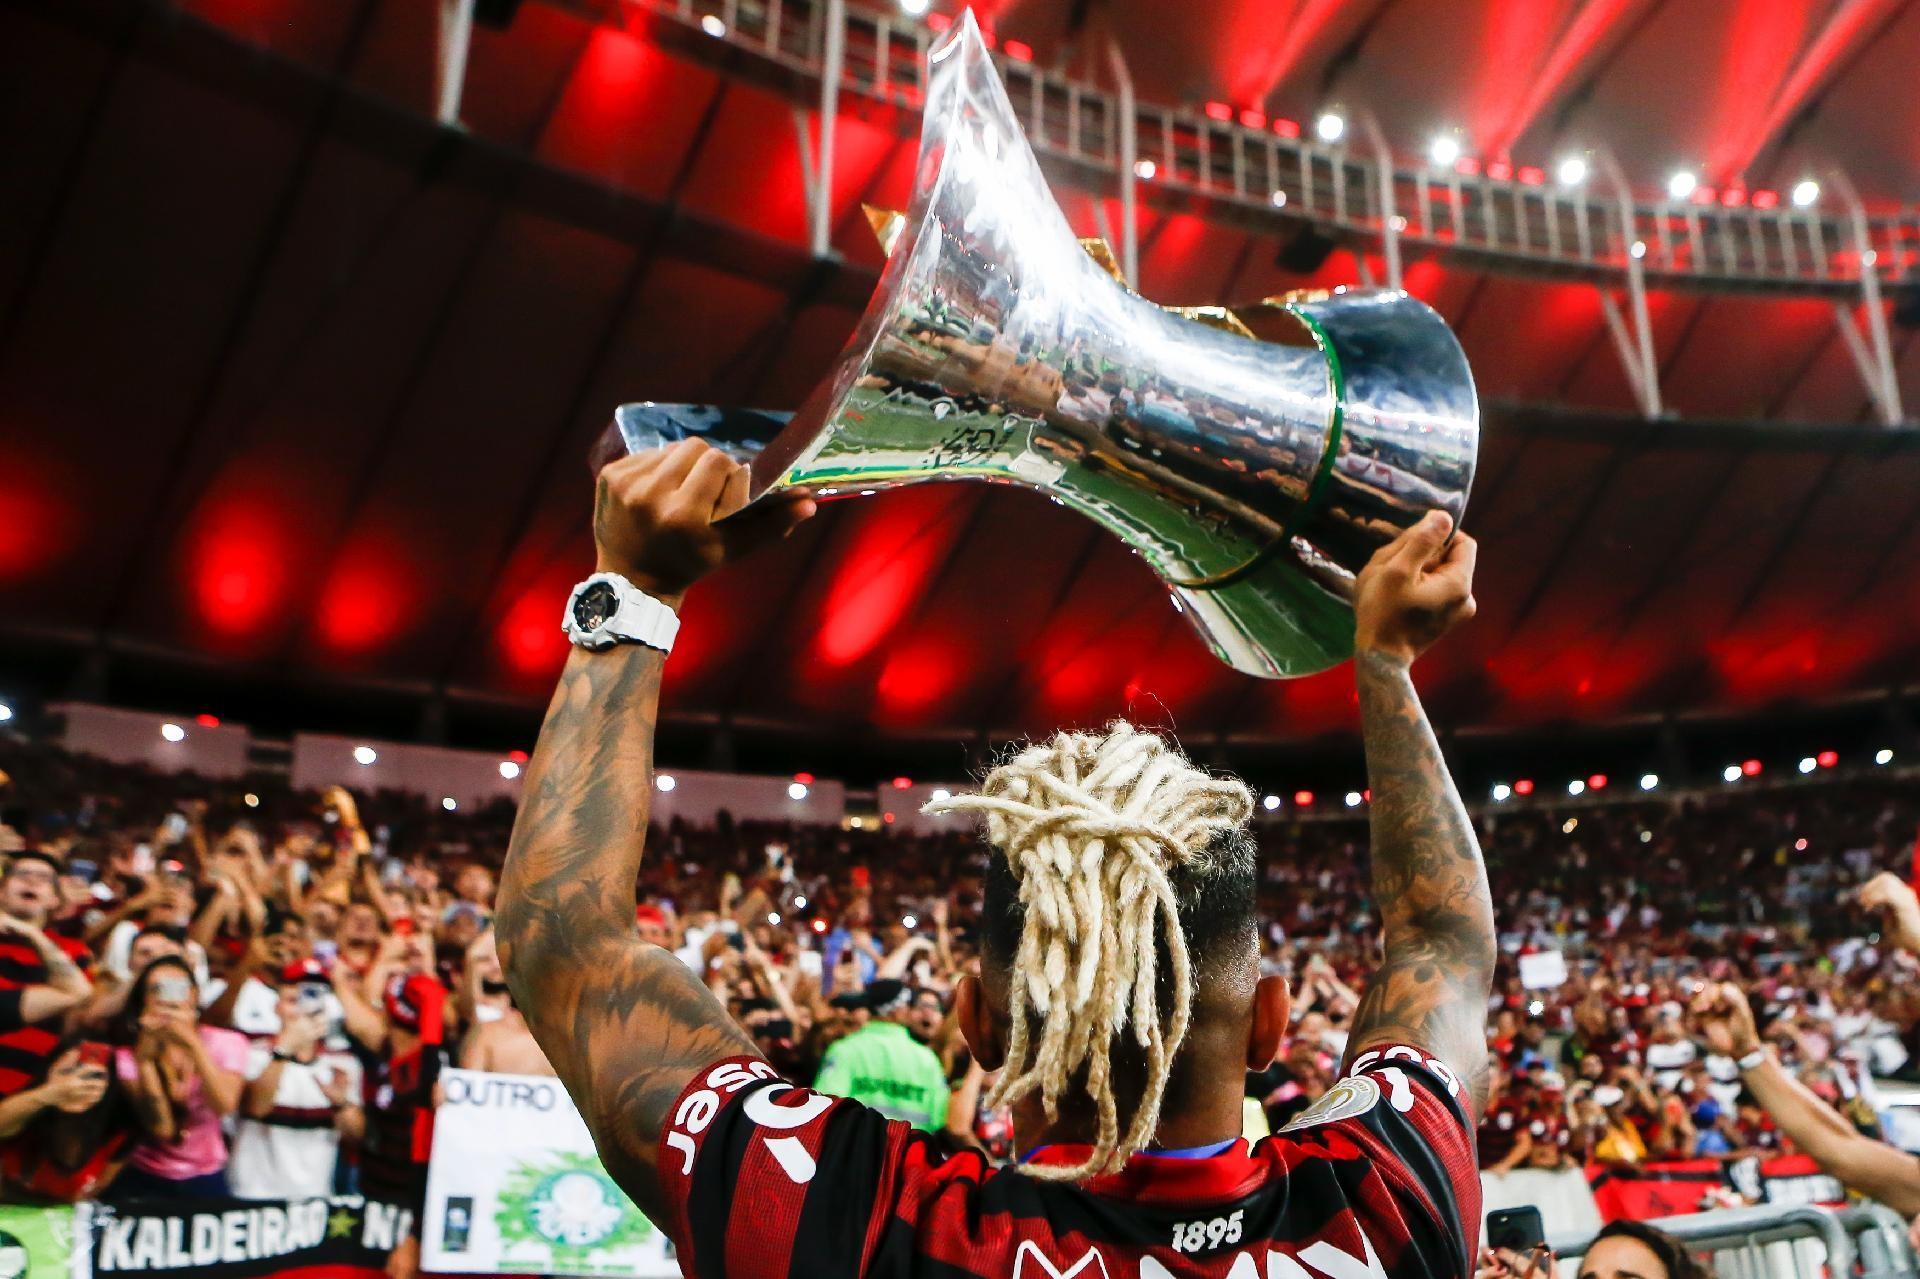 gabigol emora o trofeu do campeonato brasileiro o titulo de 2019 do flamengo v2 1920x1279